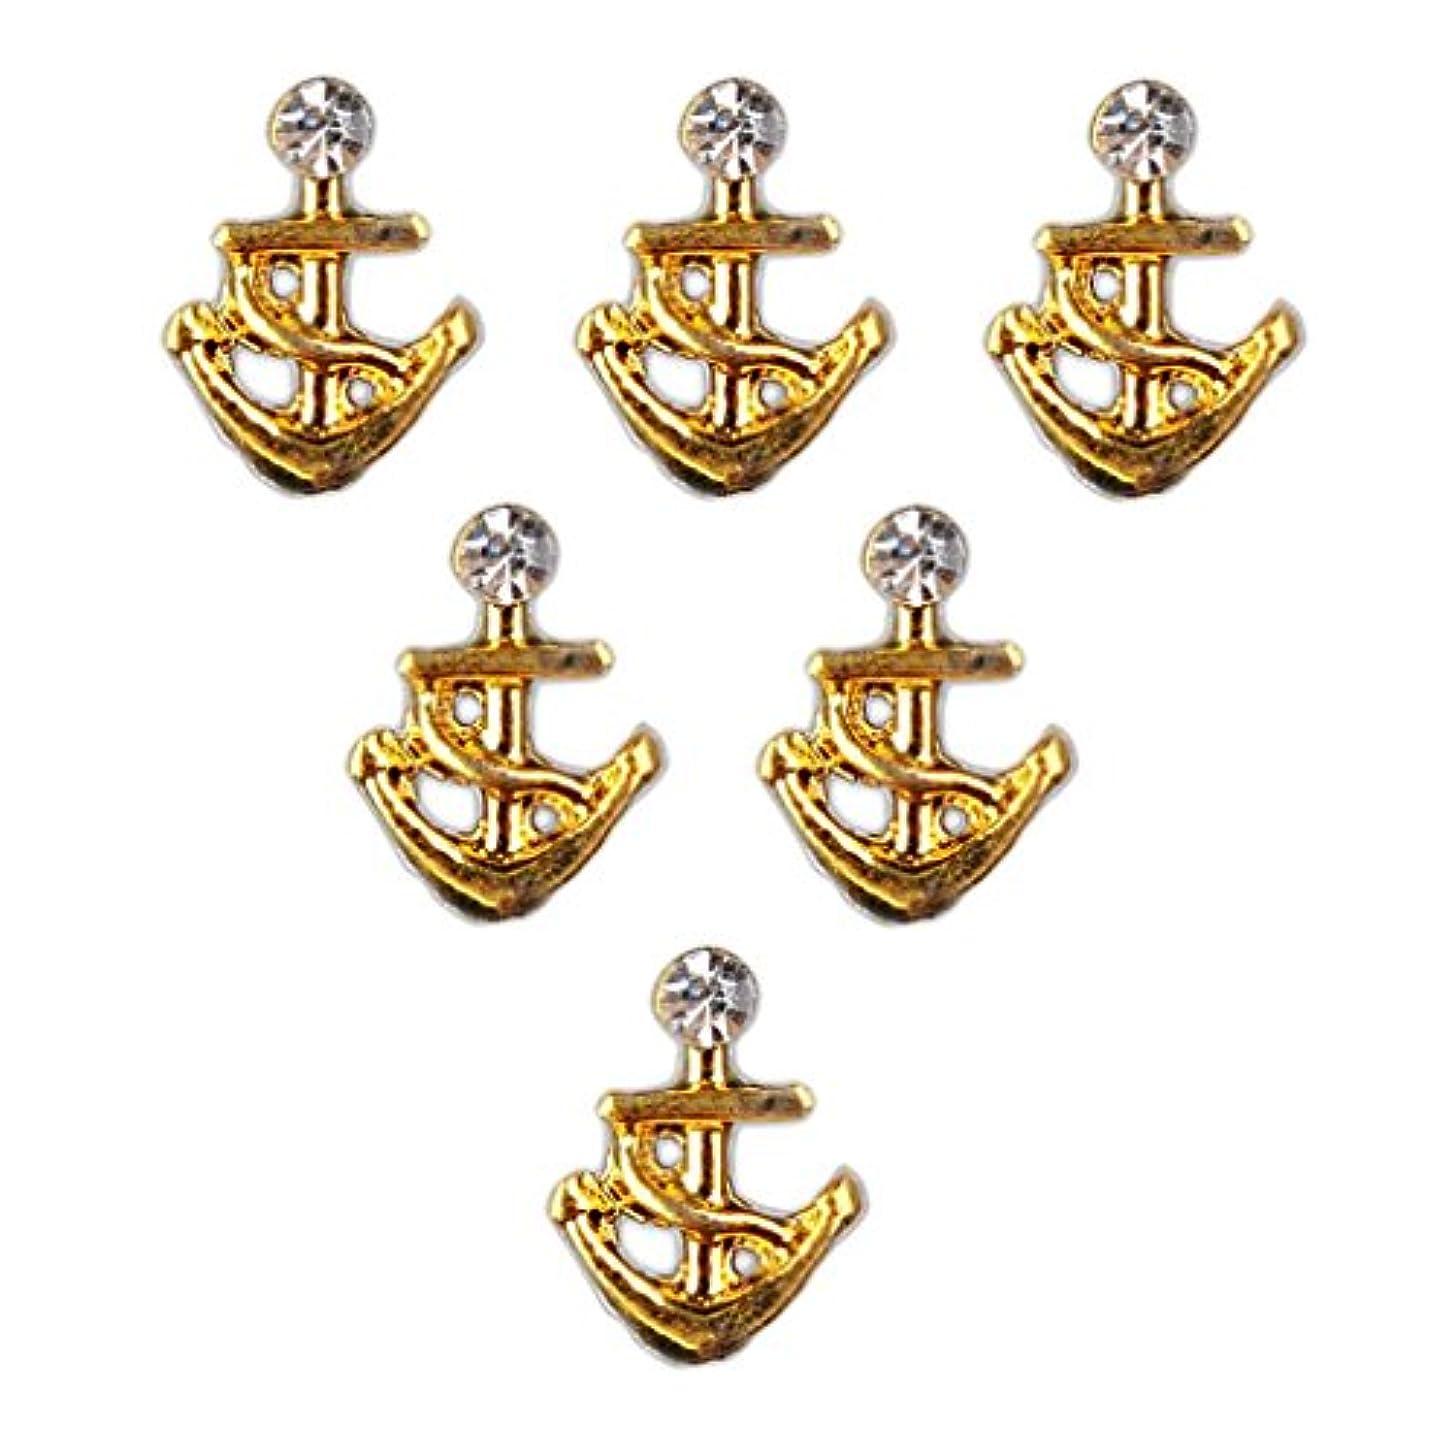 活力広い出費Perfk ネイル ネイルデザイン ダイヤモンド 約50個 3Dネイルアート ヒントステッカー 装飾 おしゃれ 全8タイプ選べ - 1